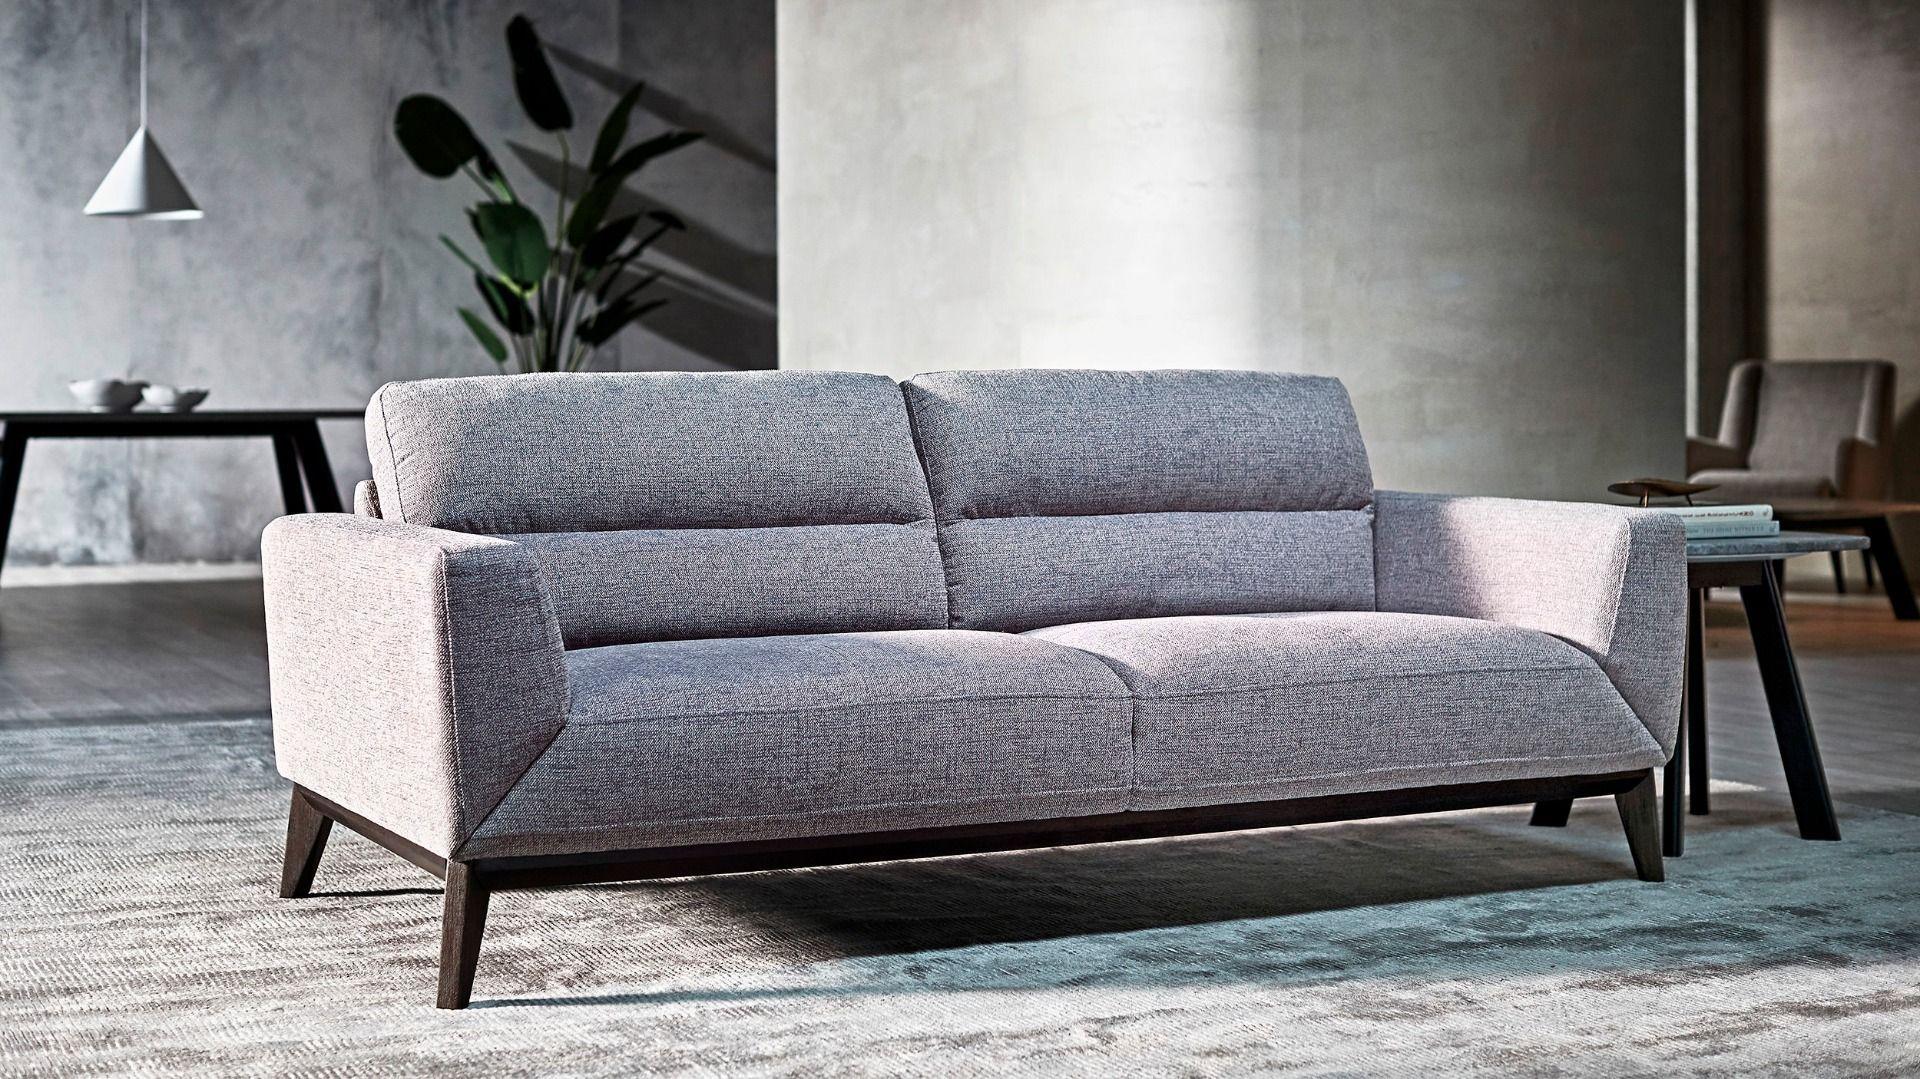 Nick Scali Furniture NZ in 2020 Furniture nz